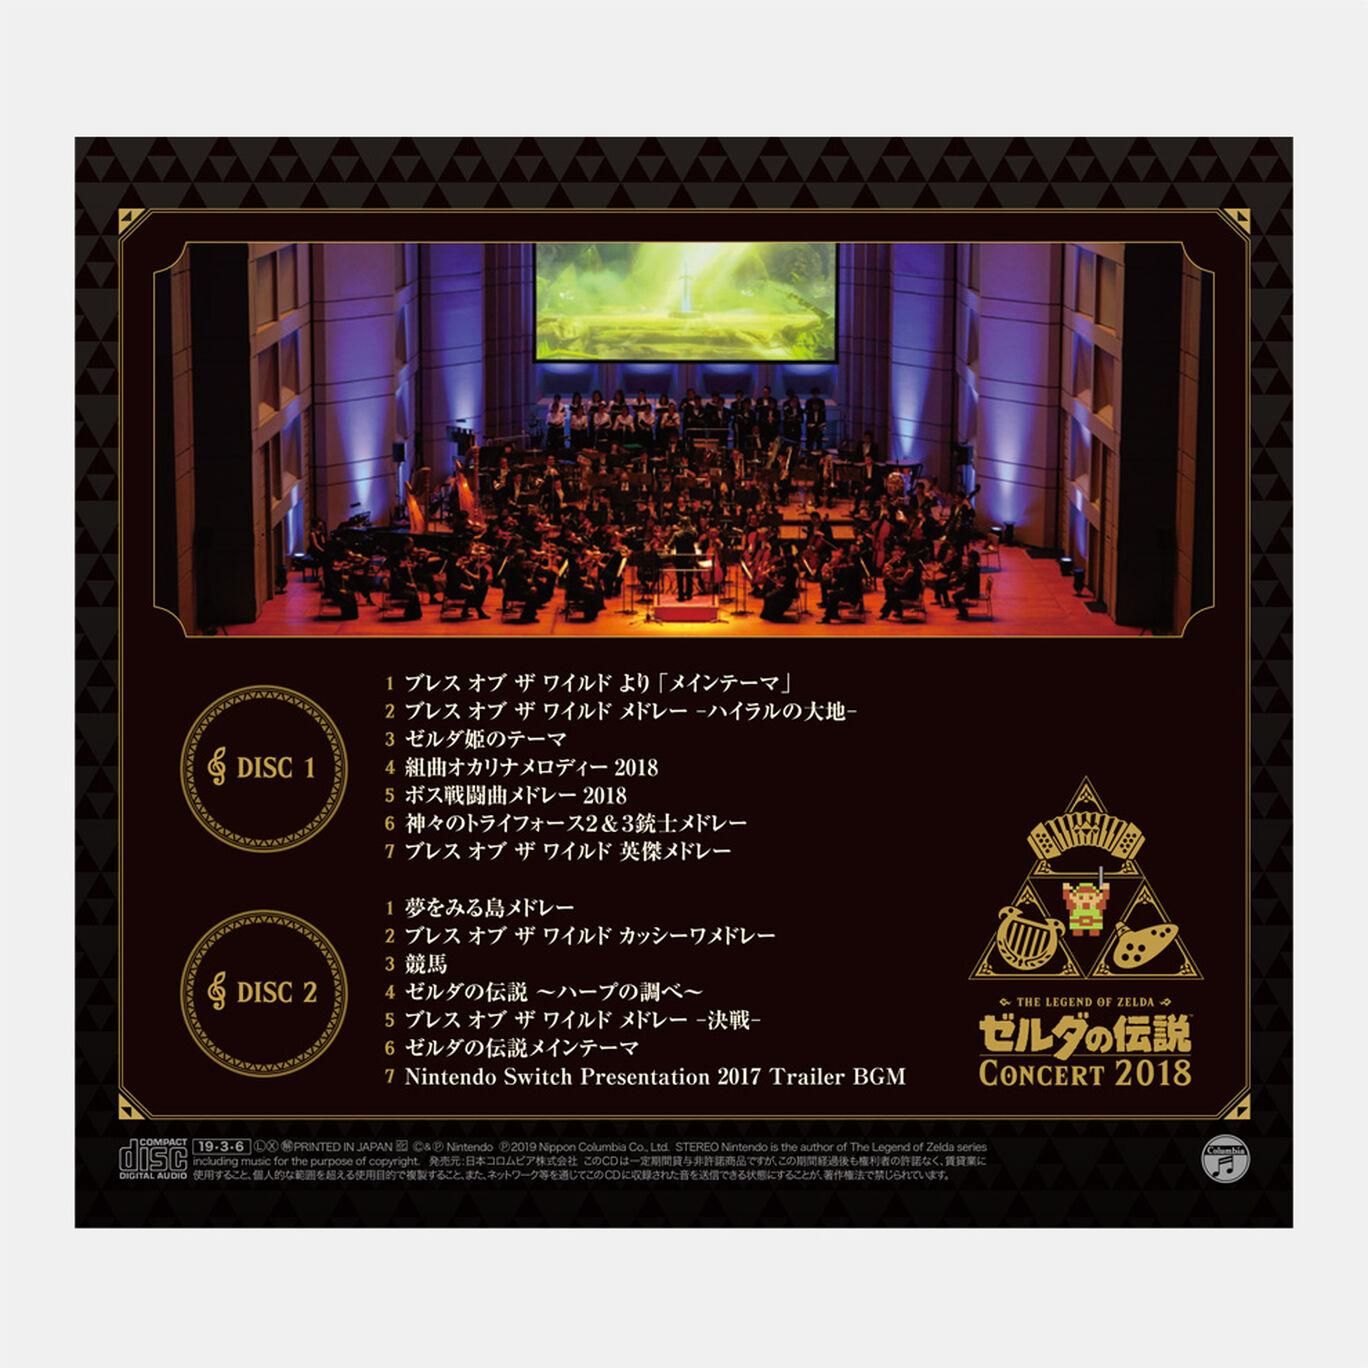 ゼルダの伝説 コンサート2018【通常盤】